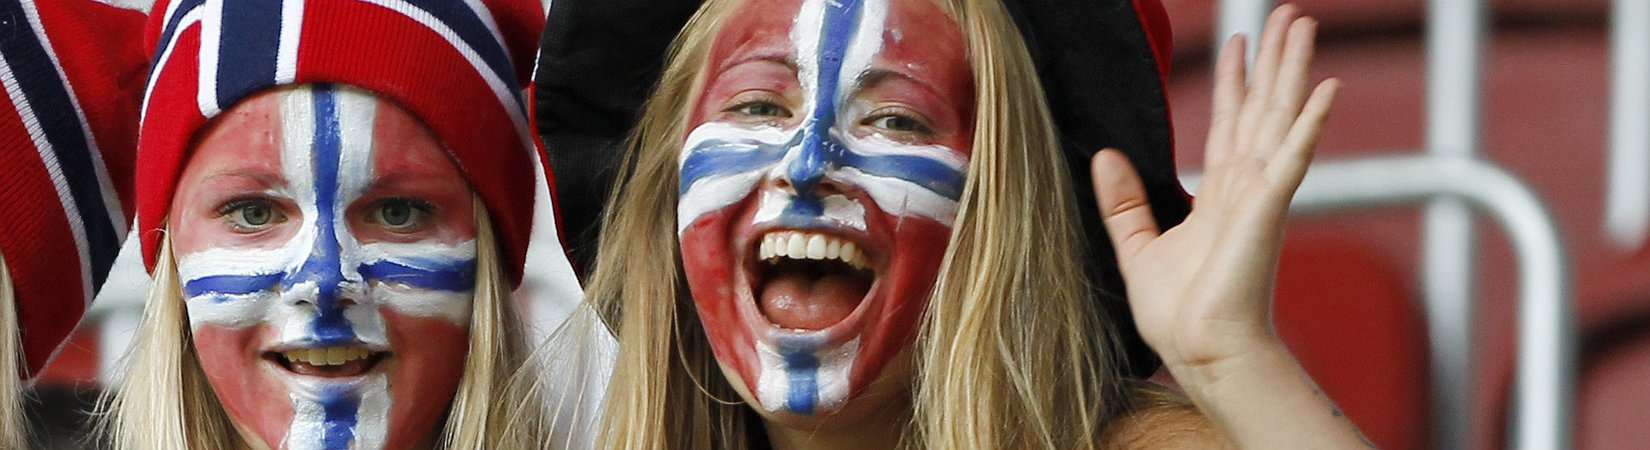 4 razones por las que los noruegos son los más felices del planeta